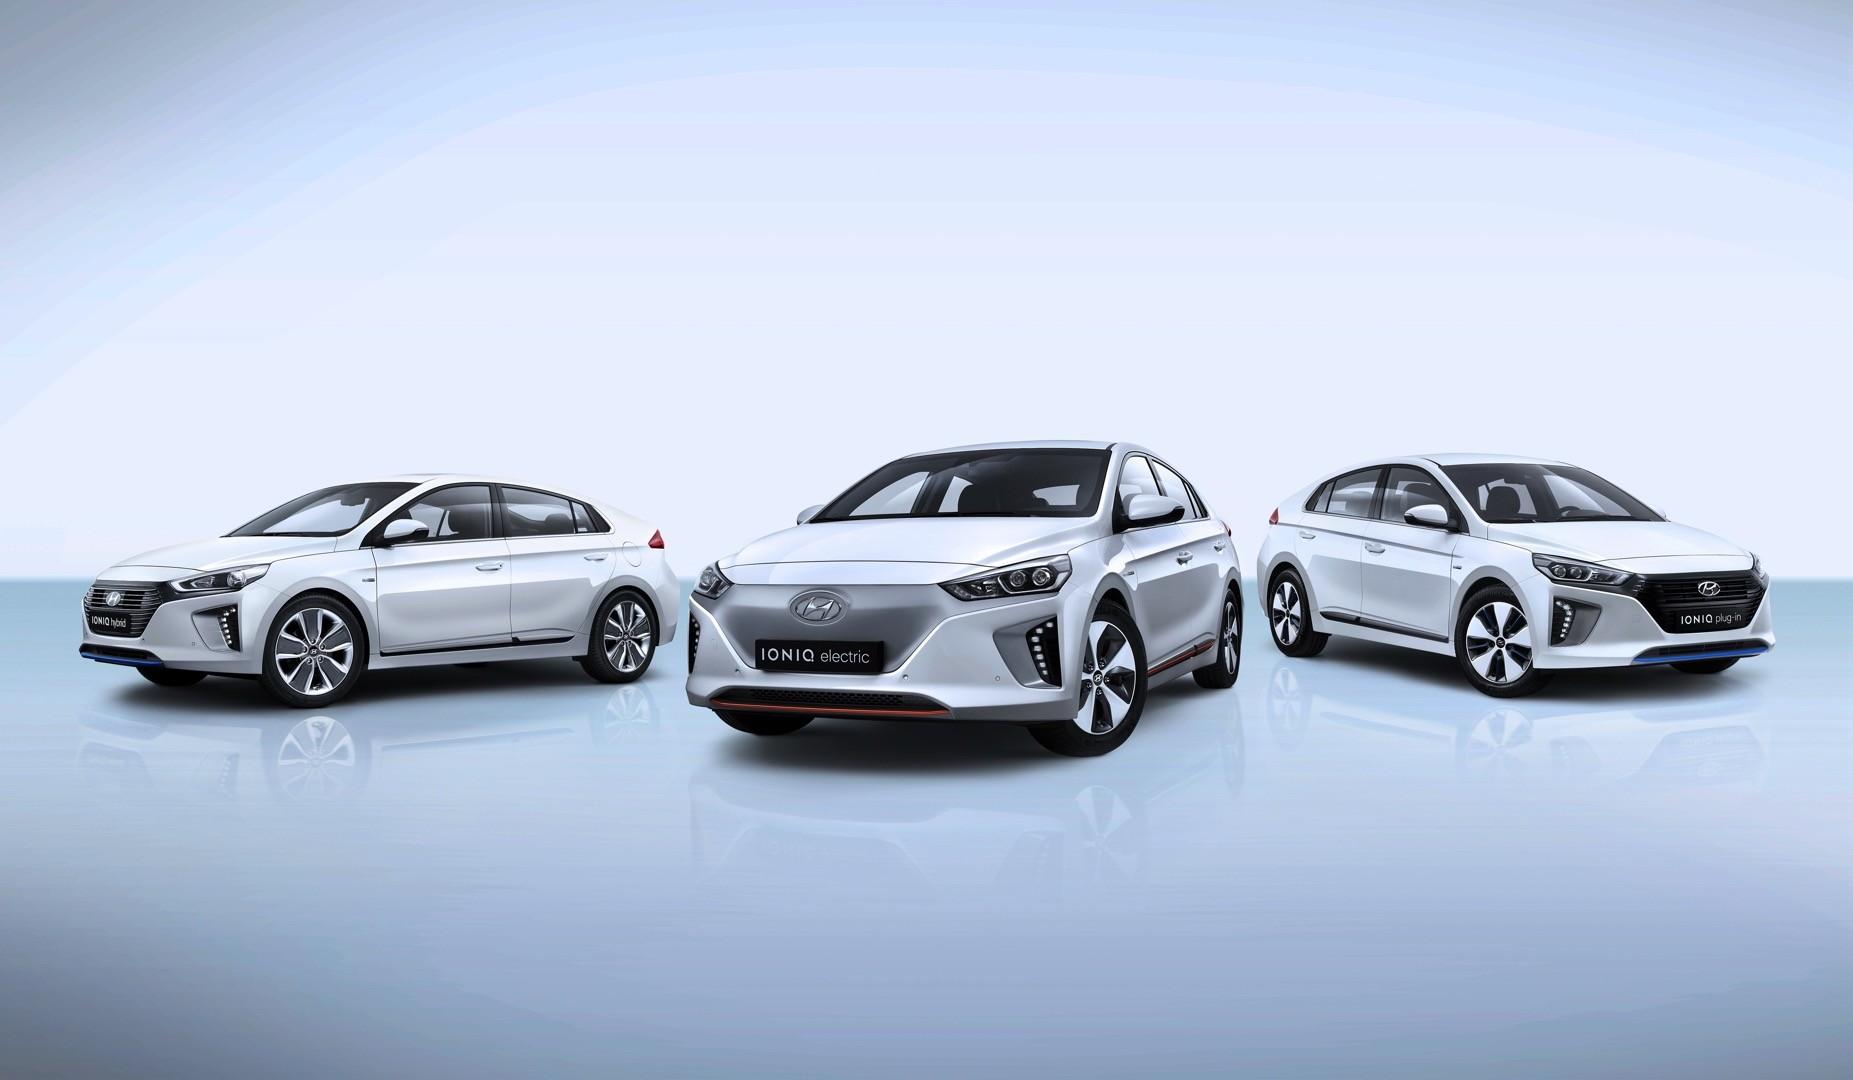 2017 Hyundai Ioniq Lineup